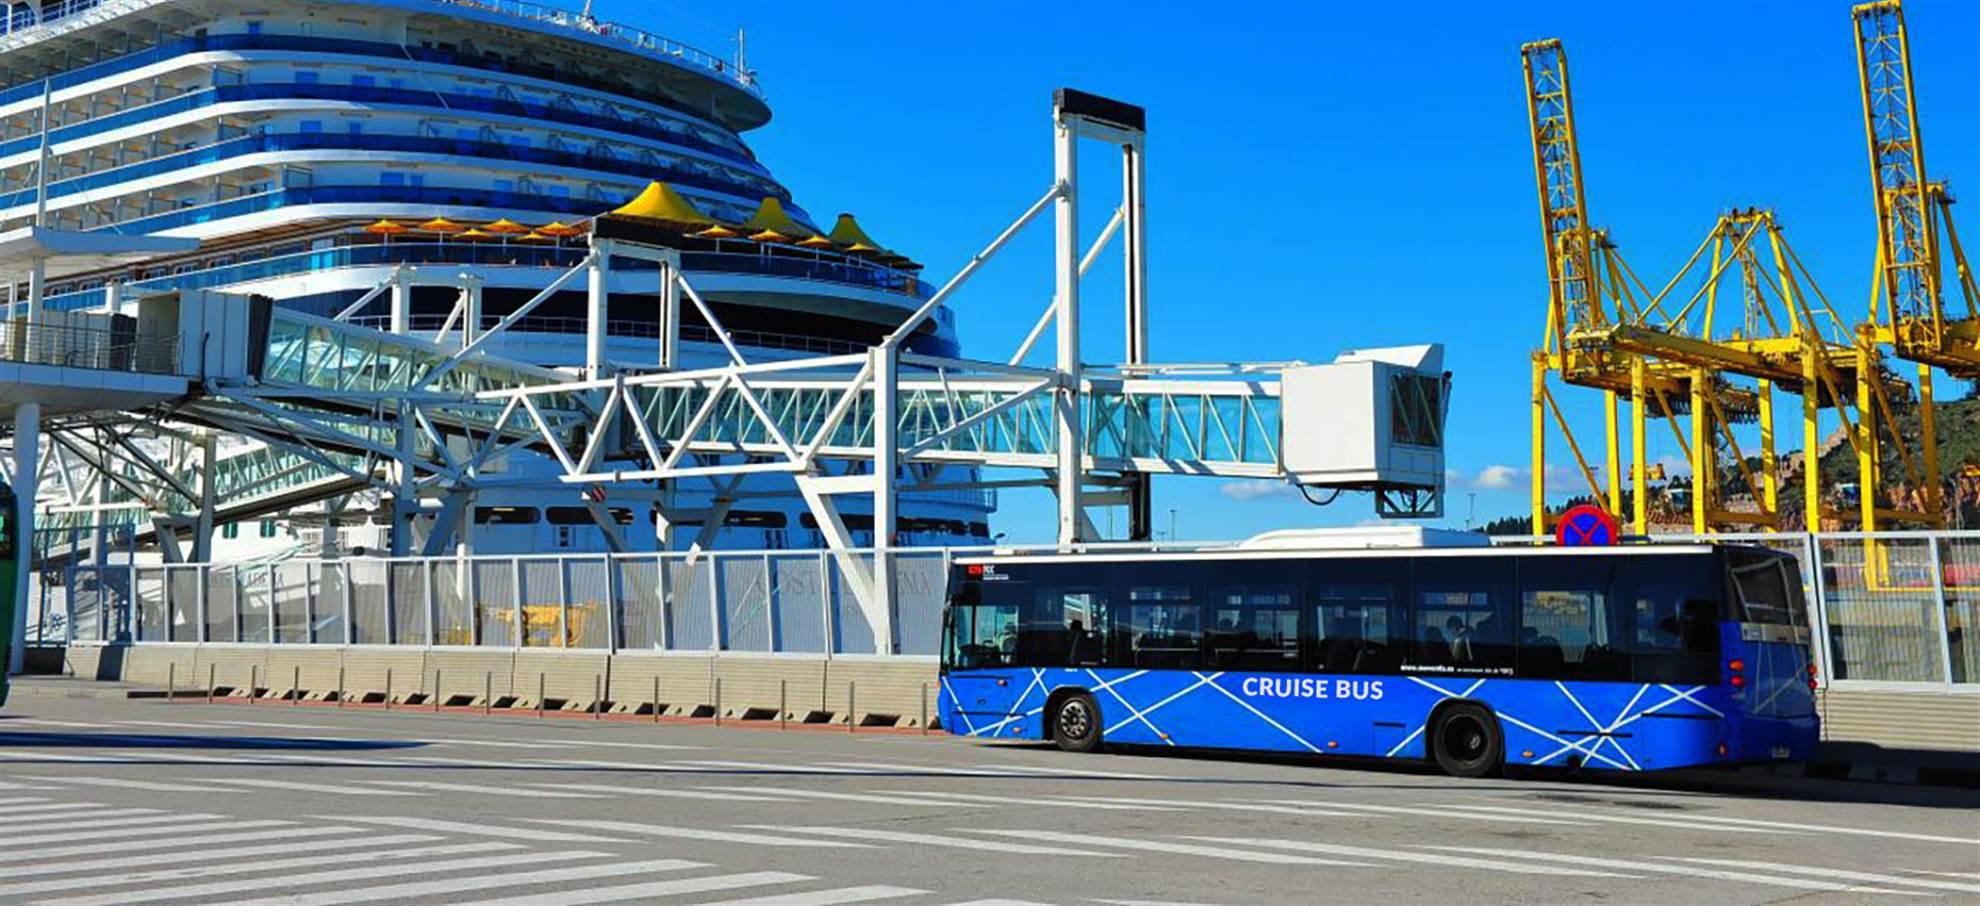 Transfer en bus du port de Barcelona à la Rambla